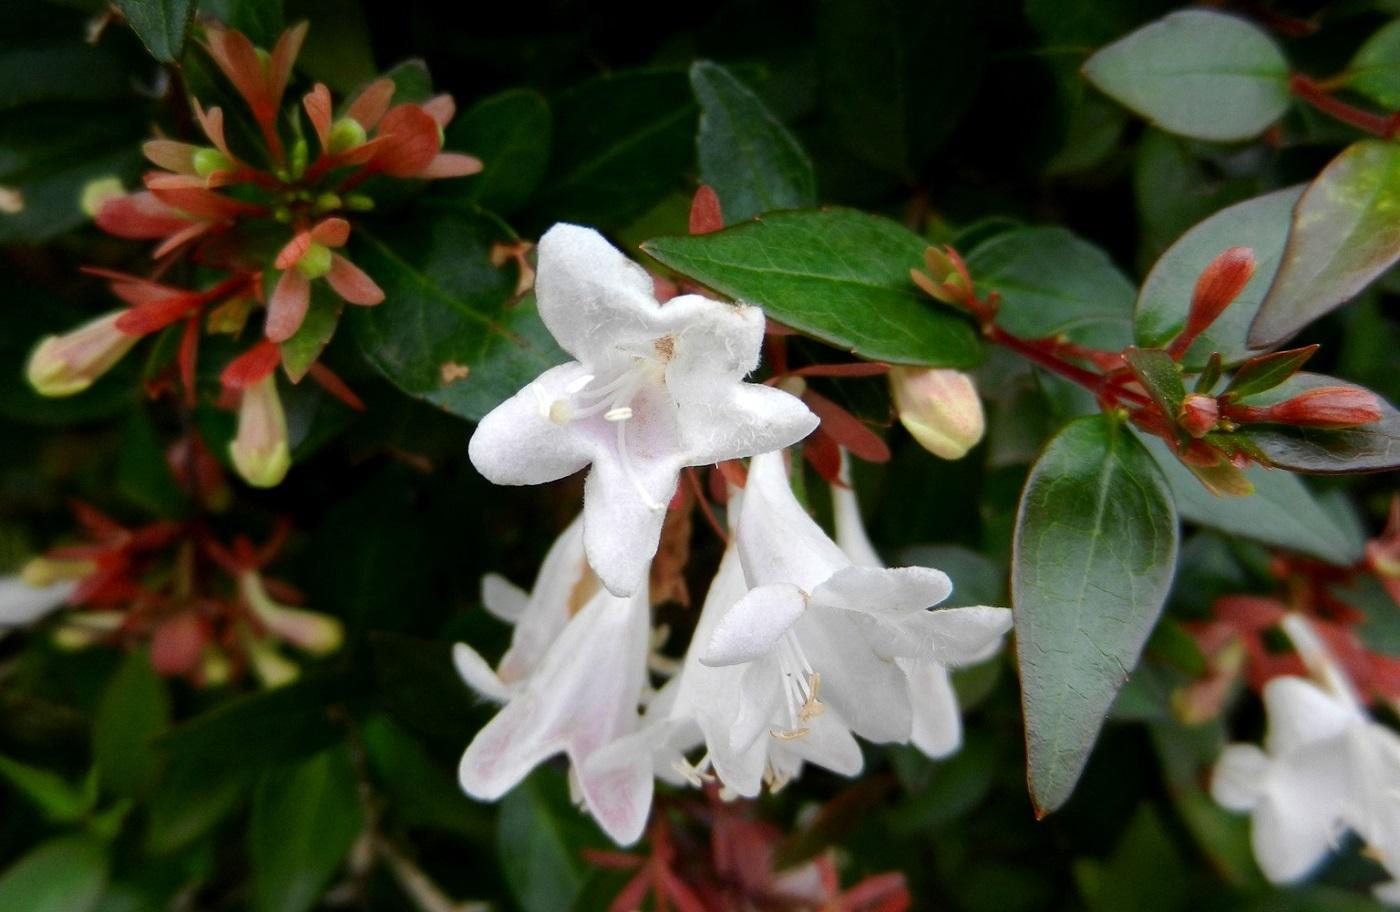 Абелия крупноцветковая: описание растения, необходимый уход, размножение абелии крупноцветковой